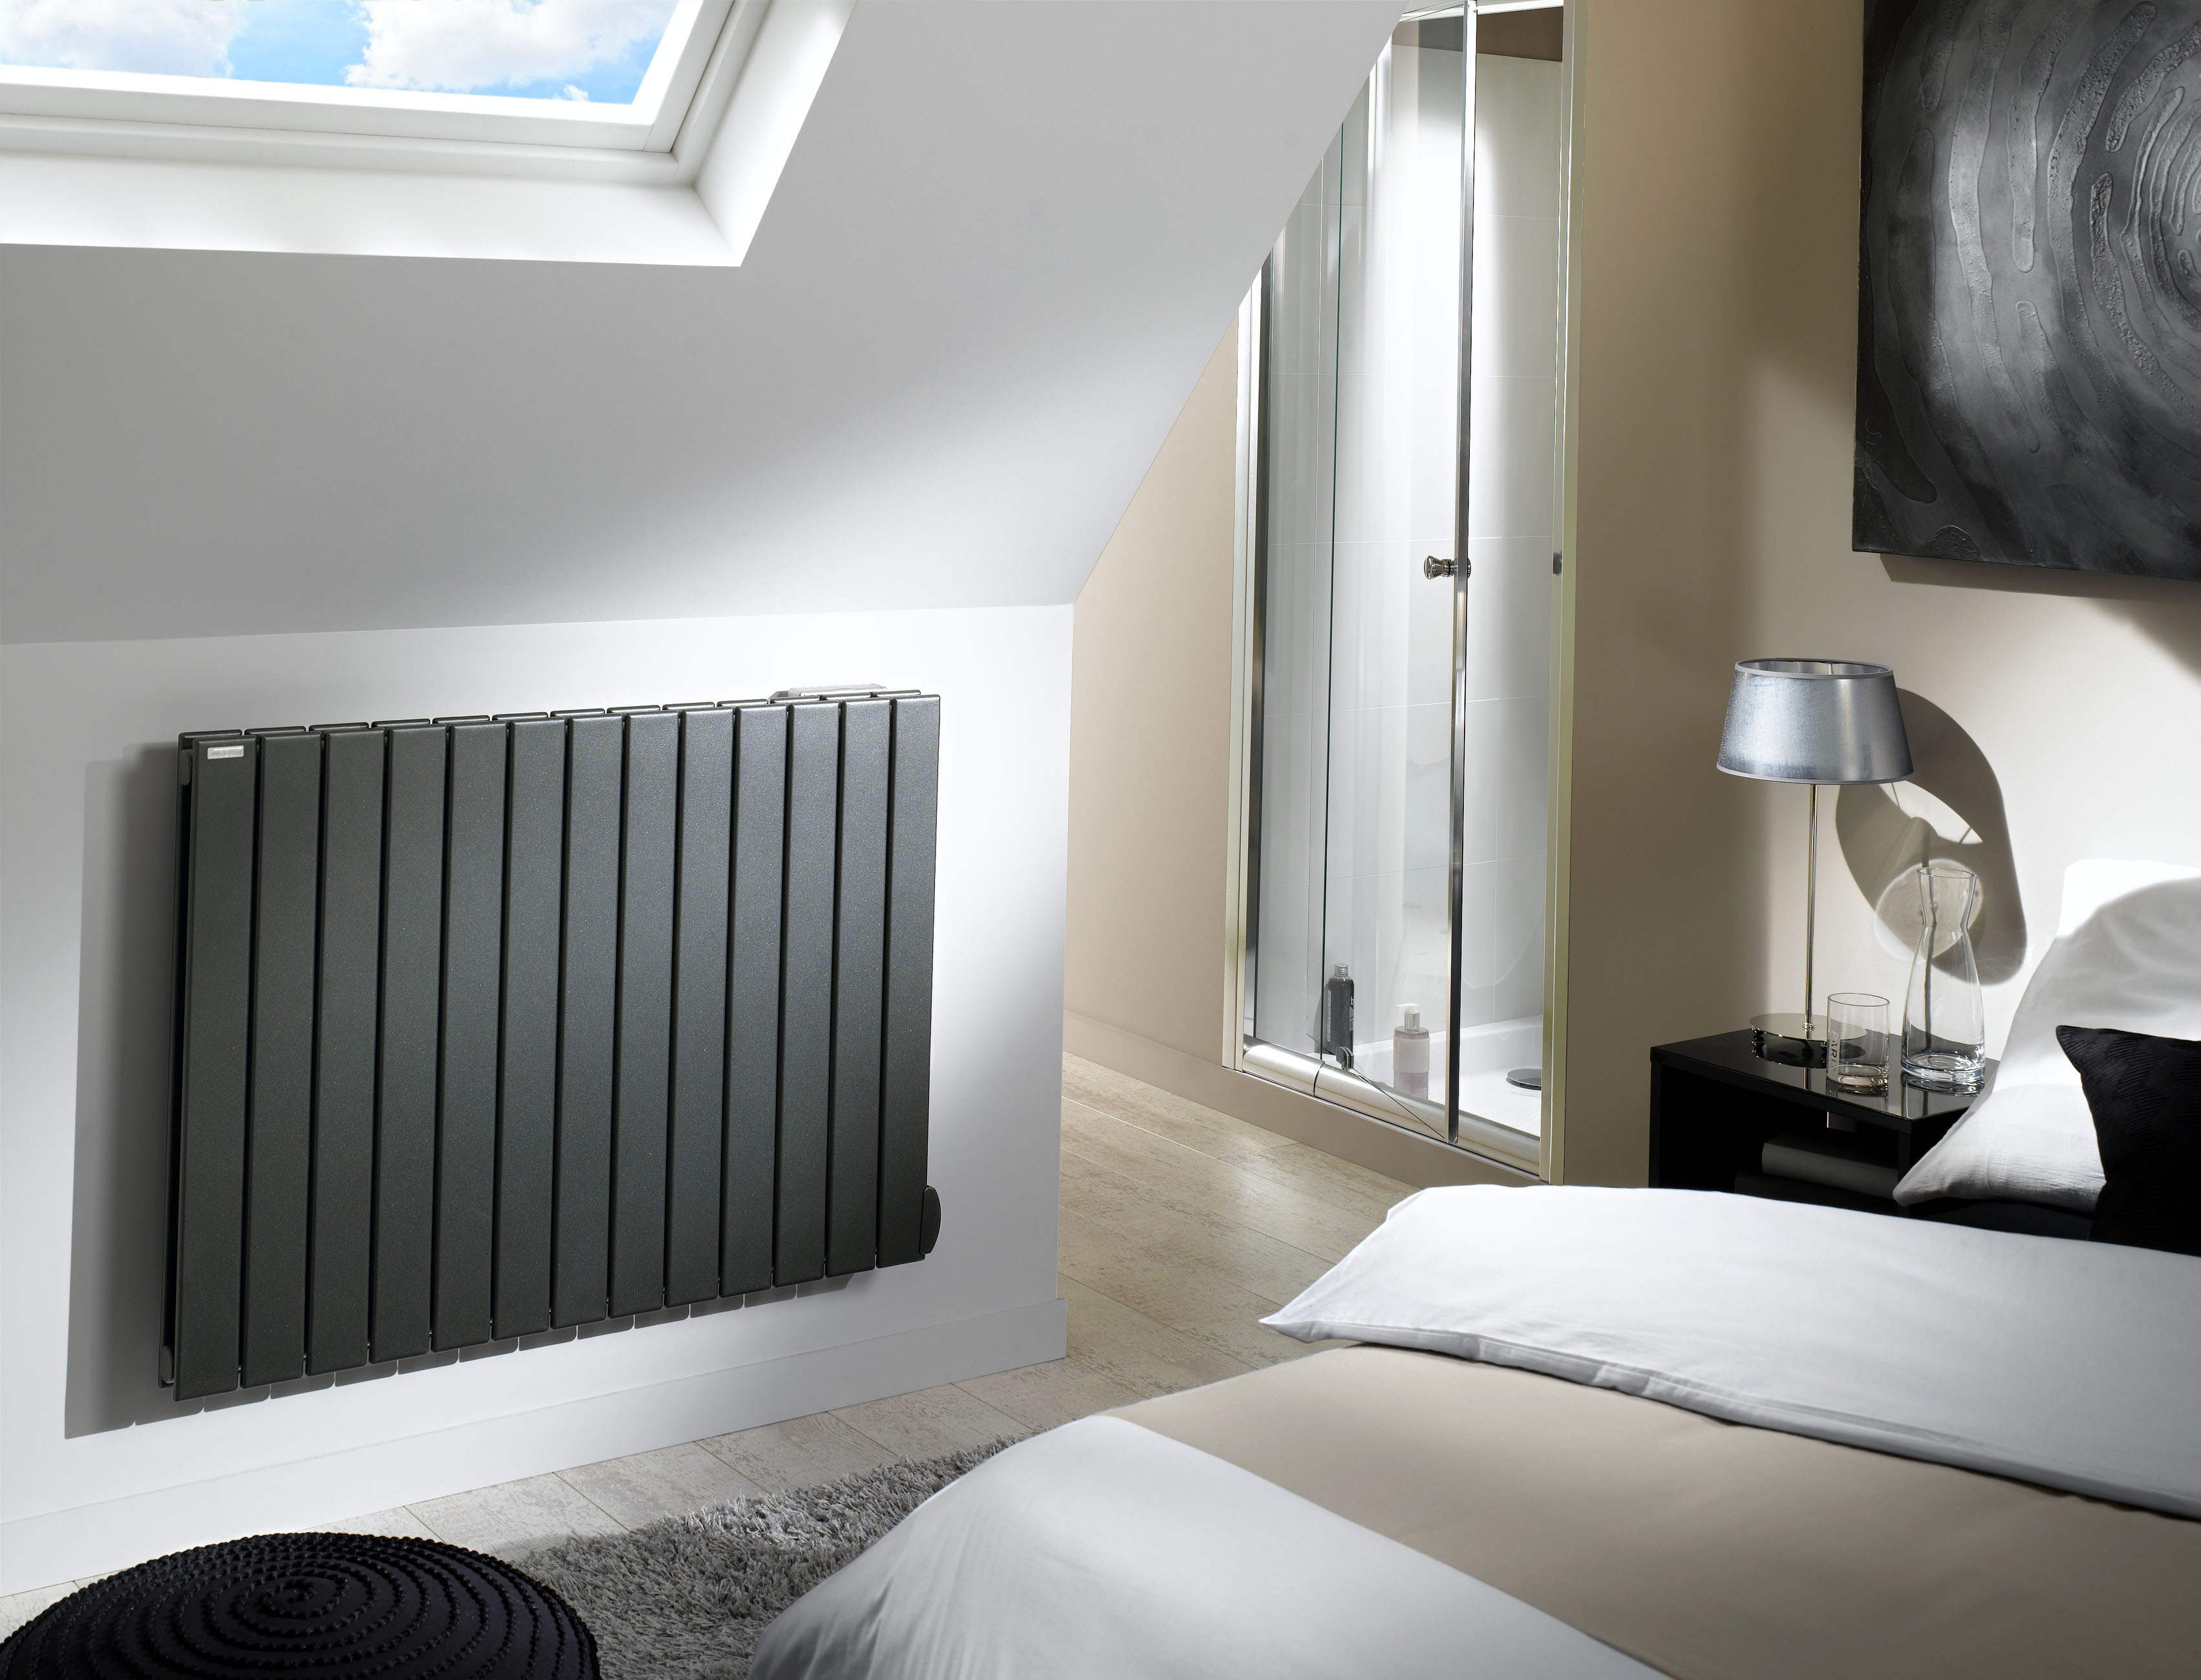 radiateur a inertie brique refractaire trendy prix chauffage electrique radiateur inertie. Black Bedroom Furniture Sets. Home Design Ideas